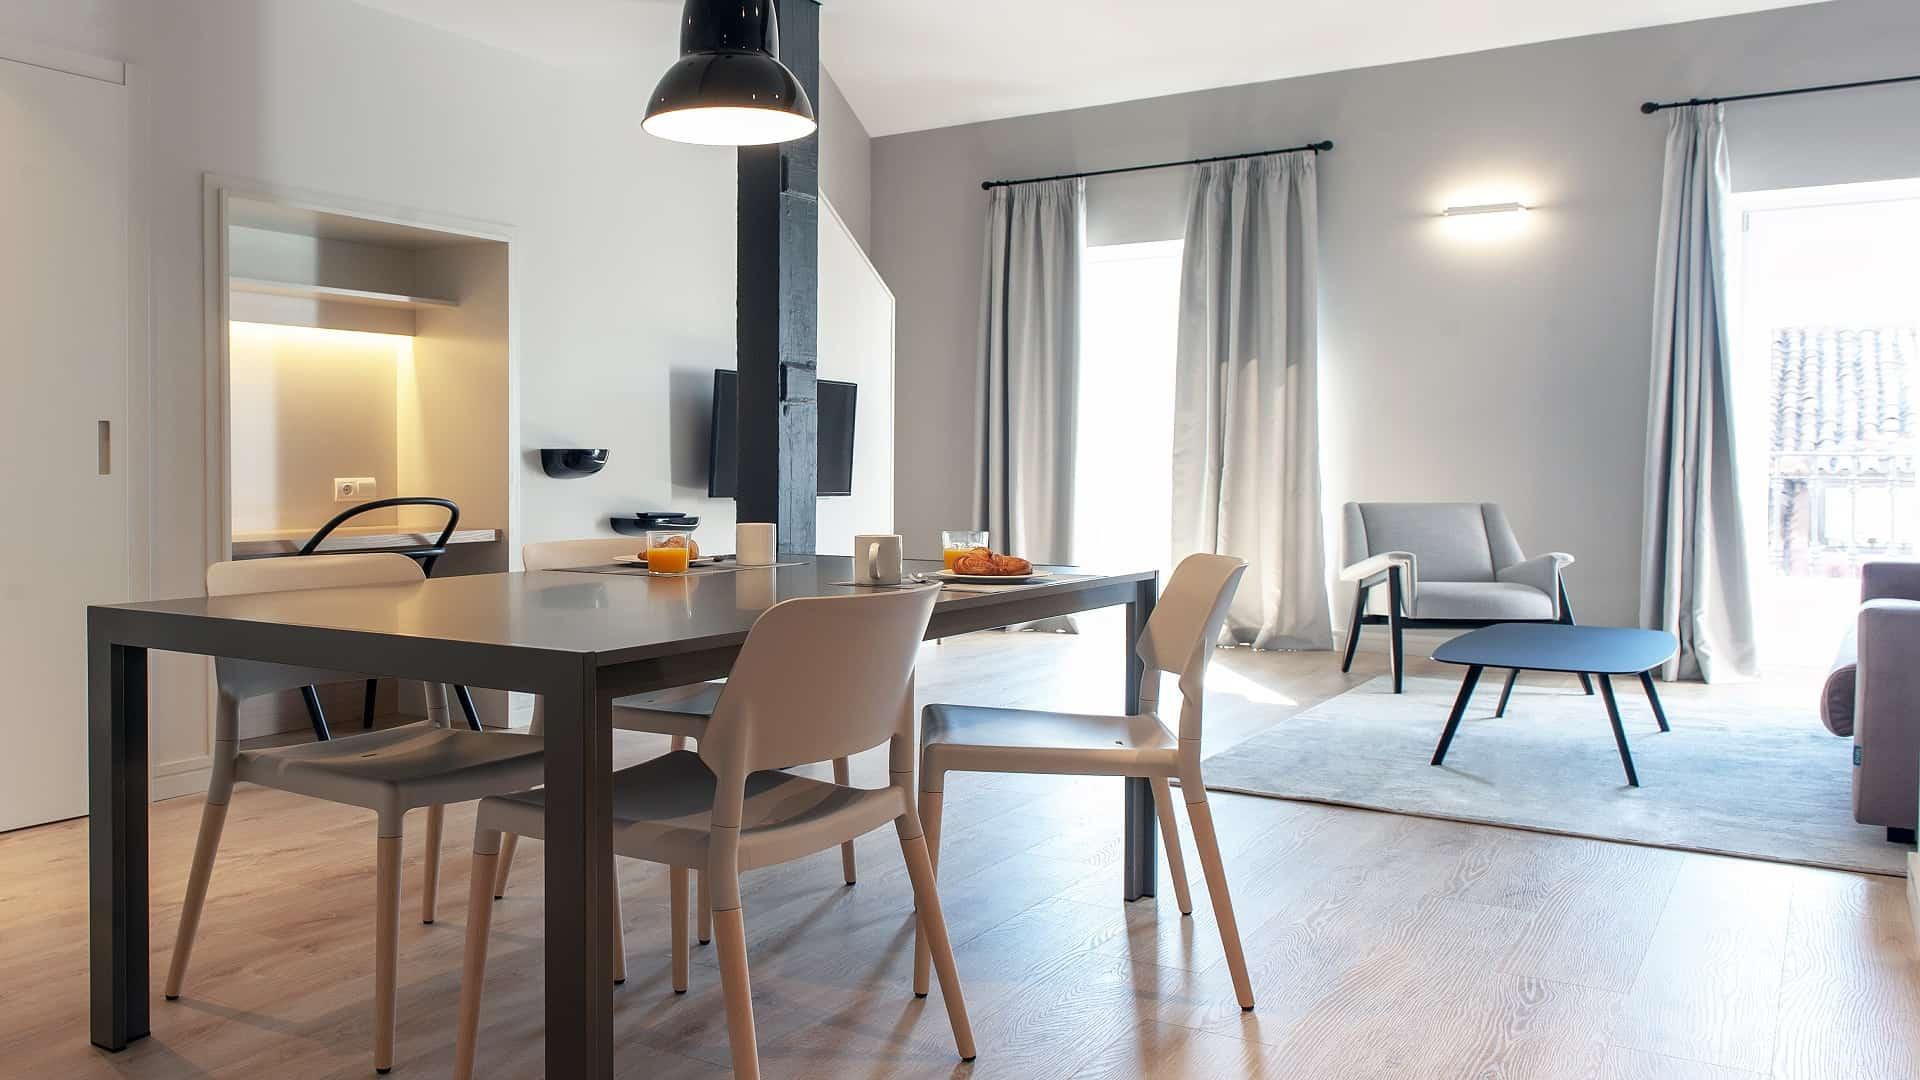 MH Apartments<br> style différent, même essence